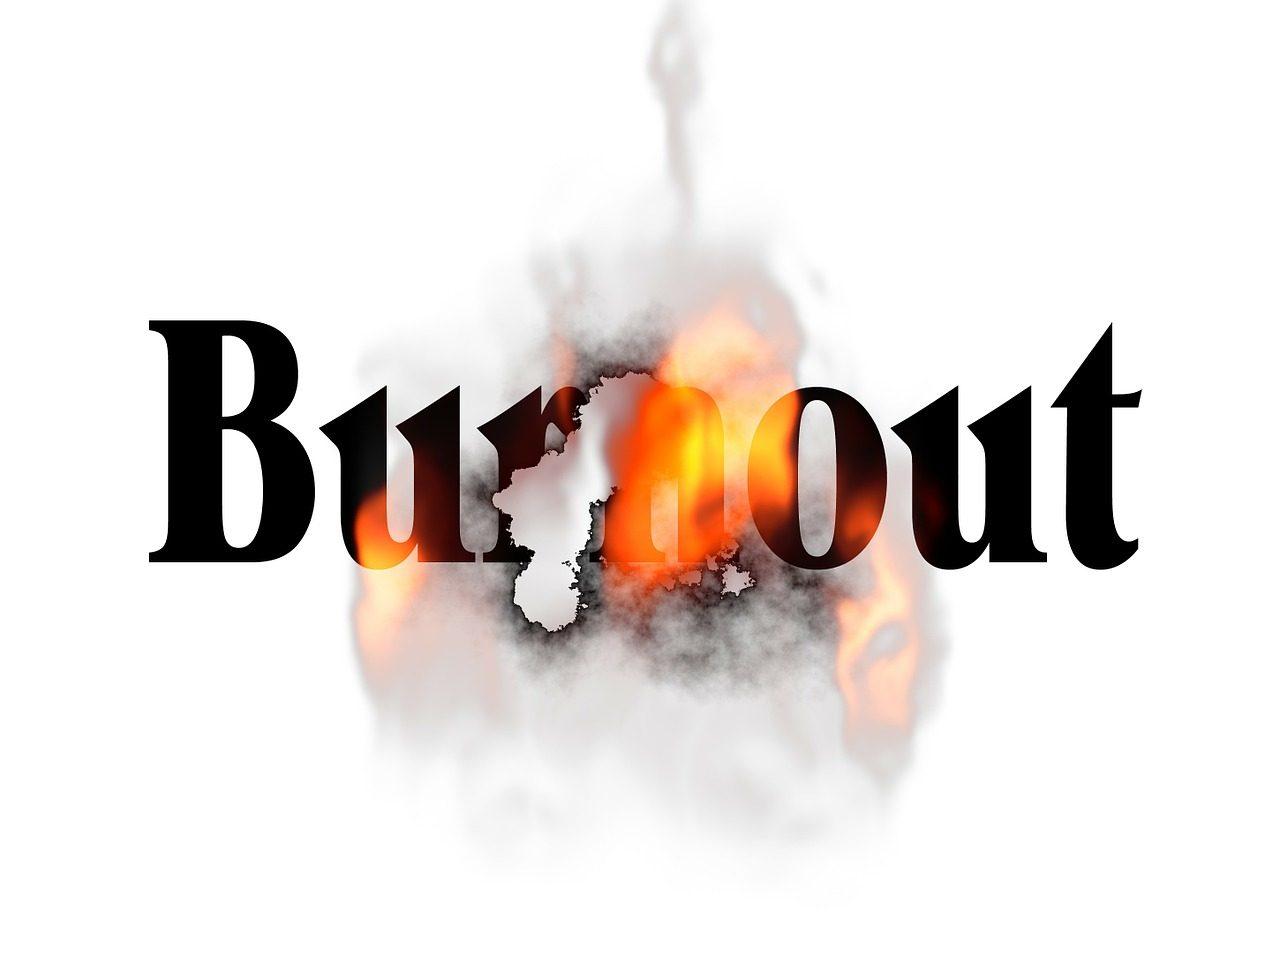 burnout-90345_1280-1280x971.jpg